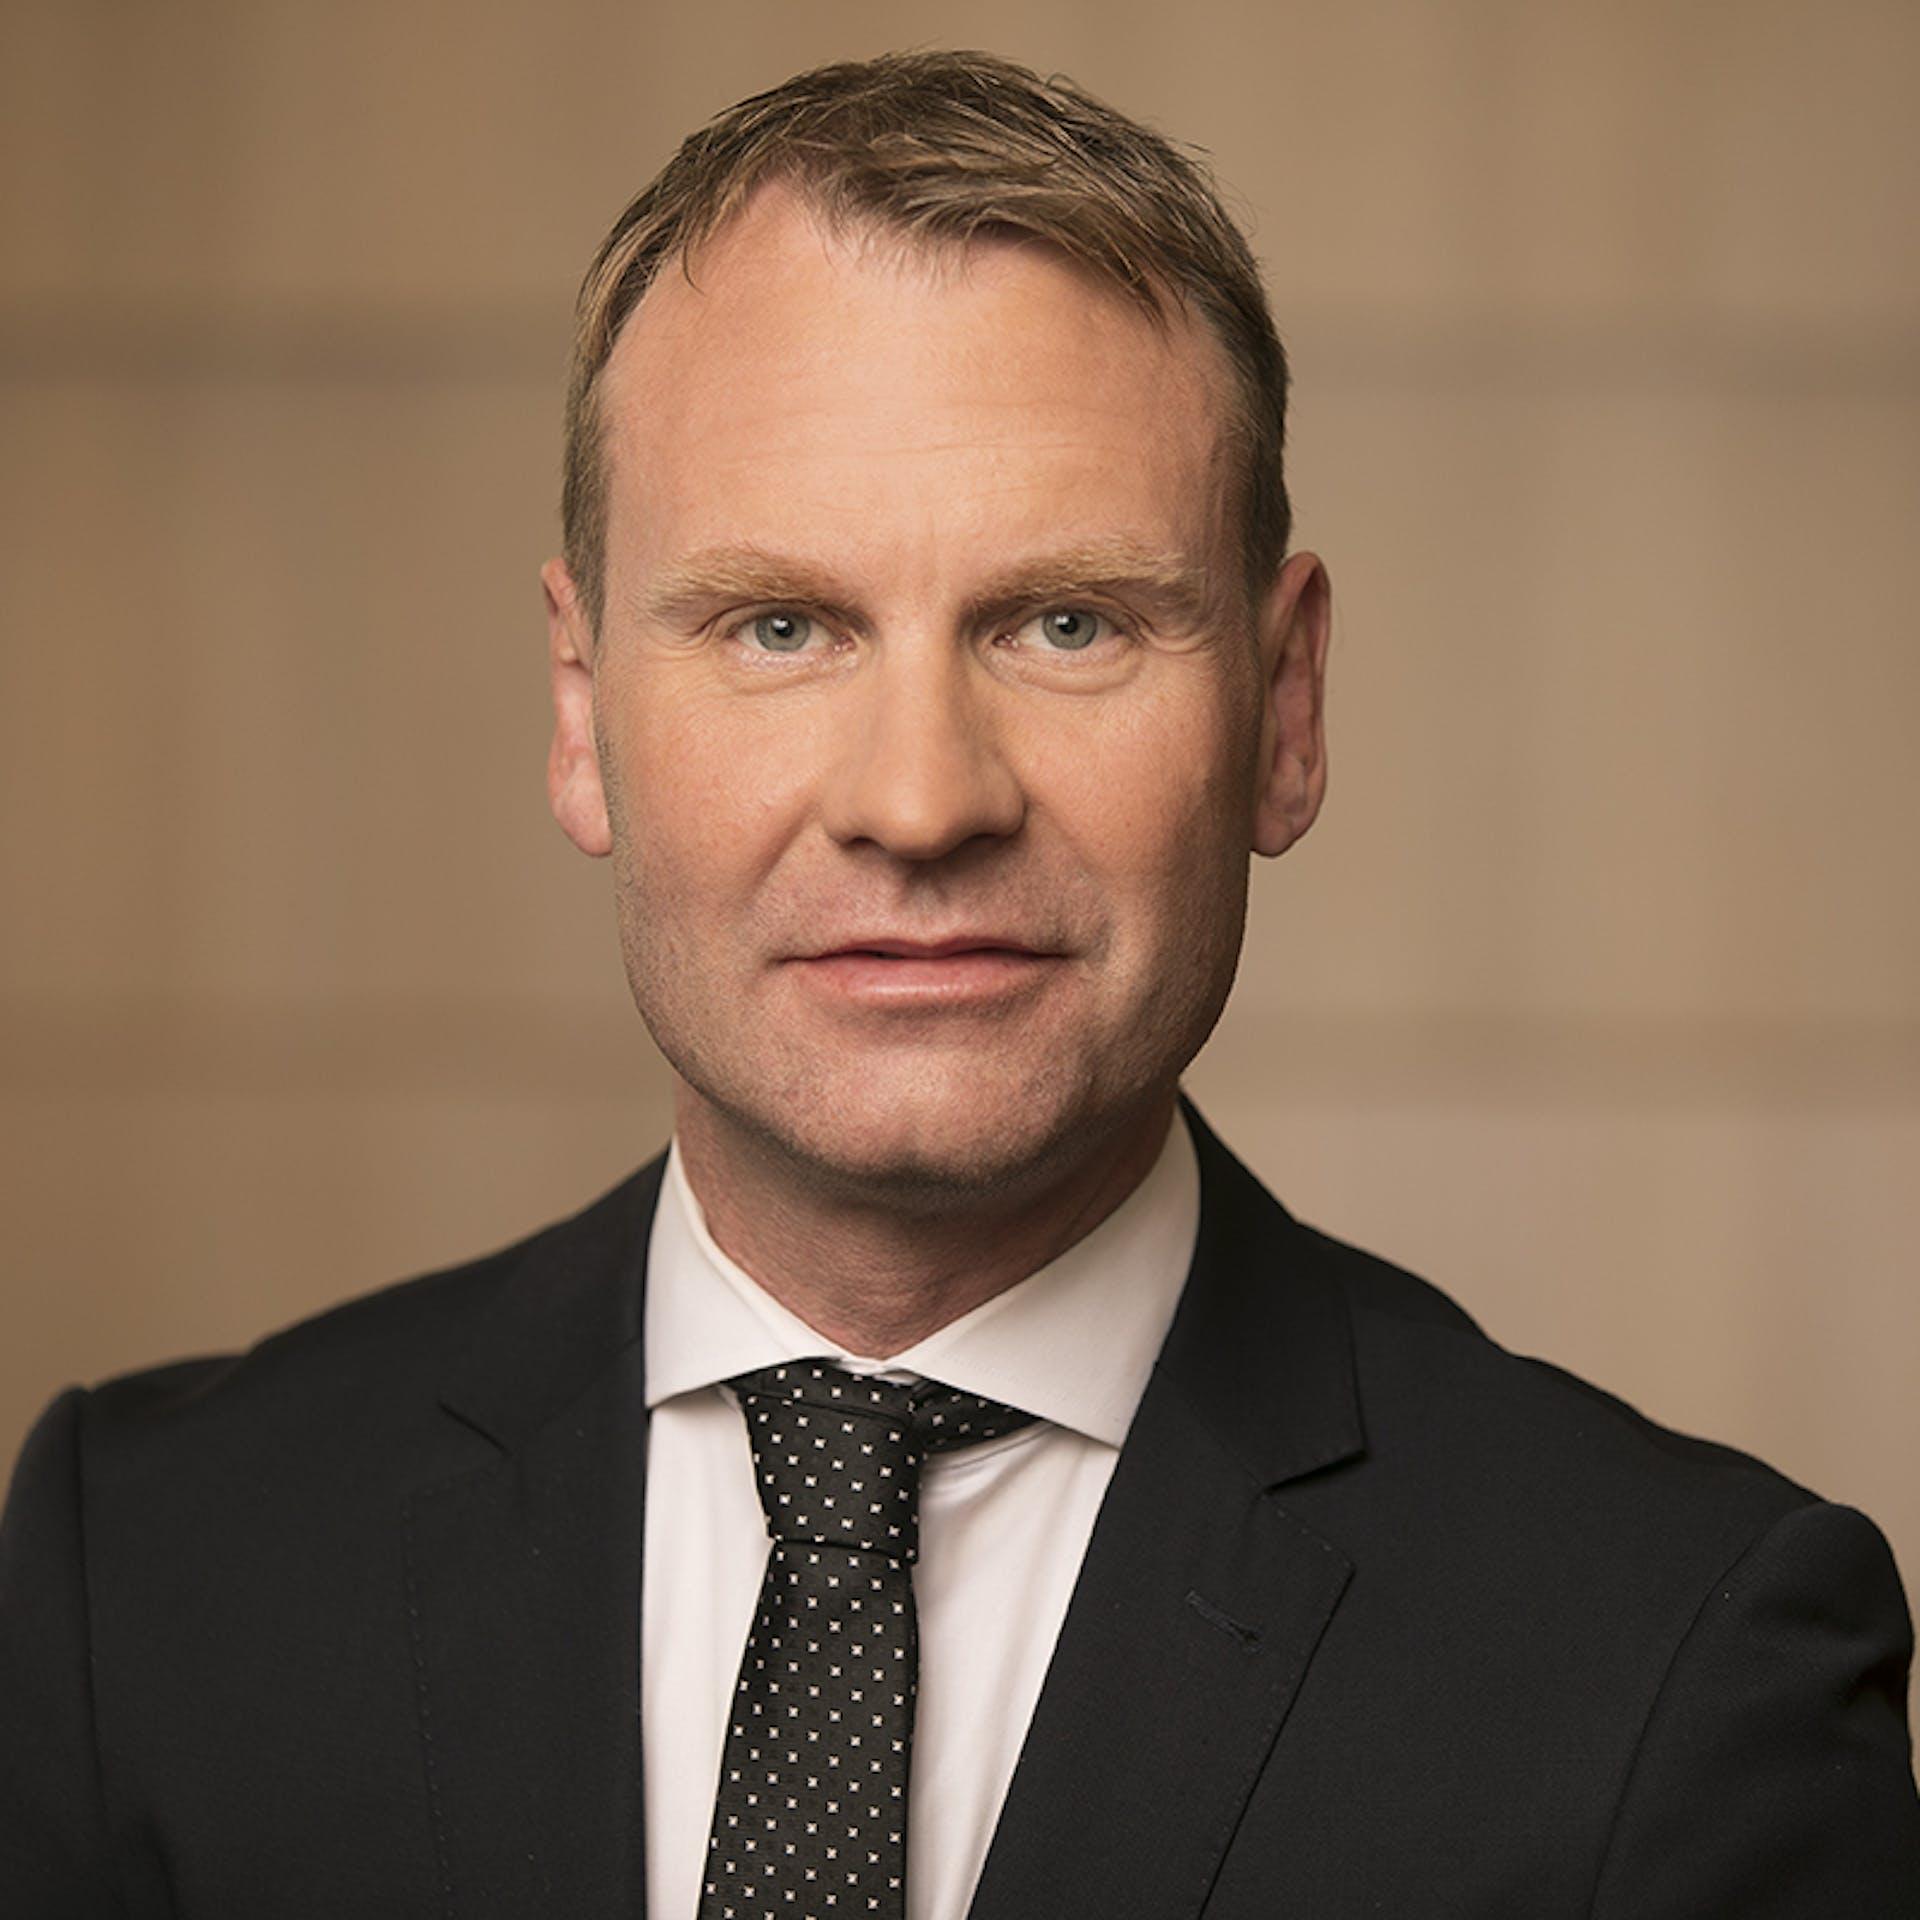 Kristján Guðbjartsson